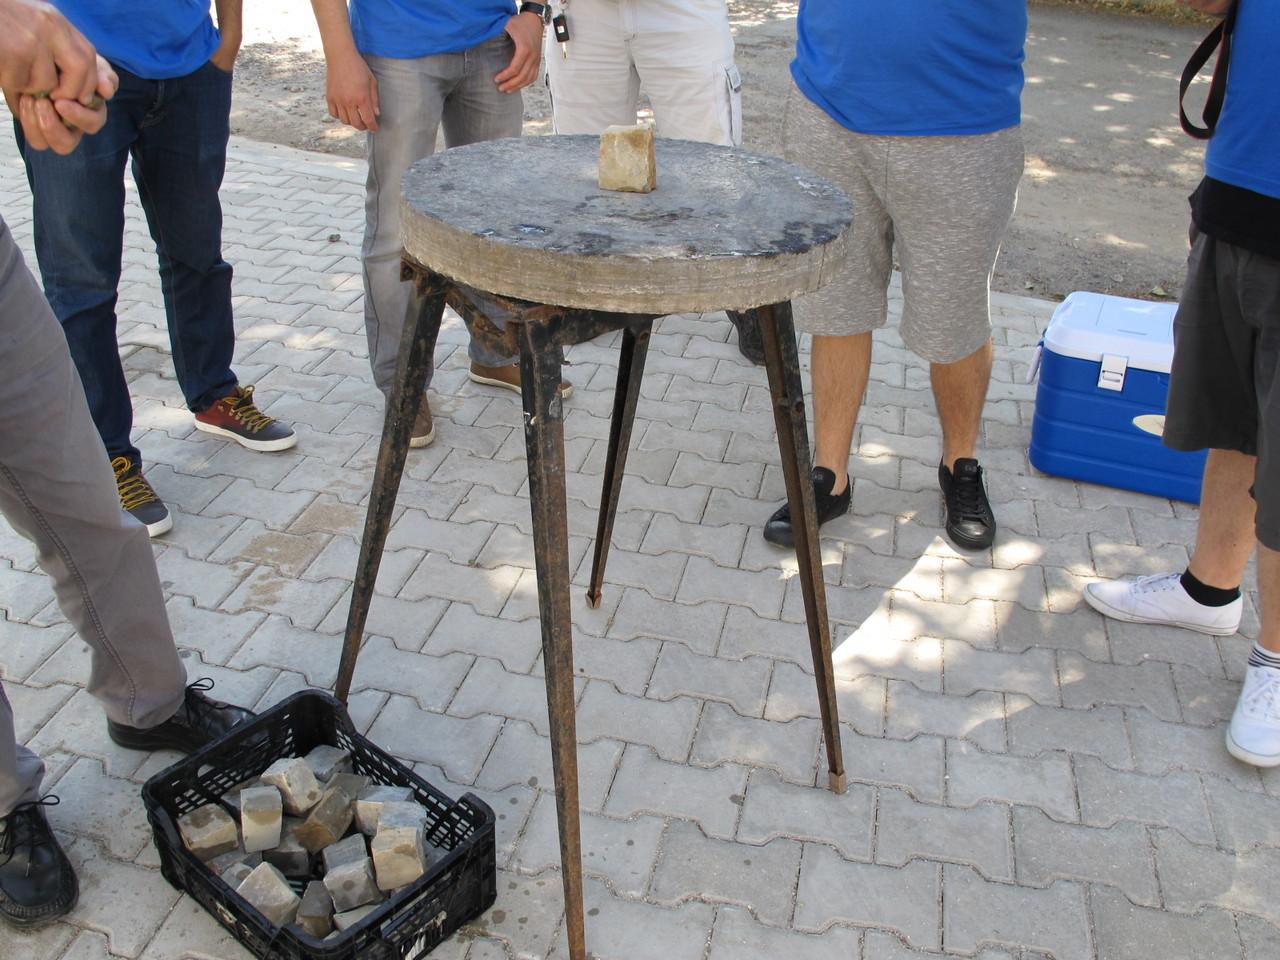 Numa base em pedra… é posta uma pedra no centro